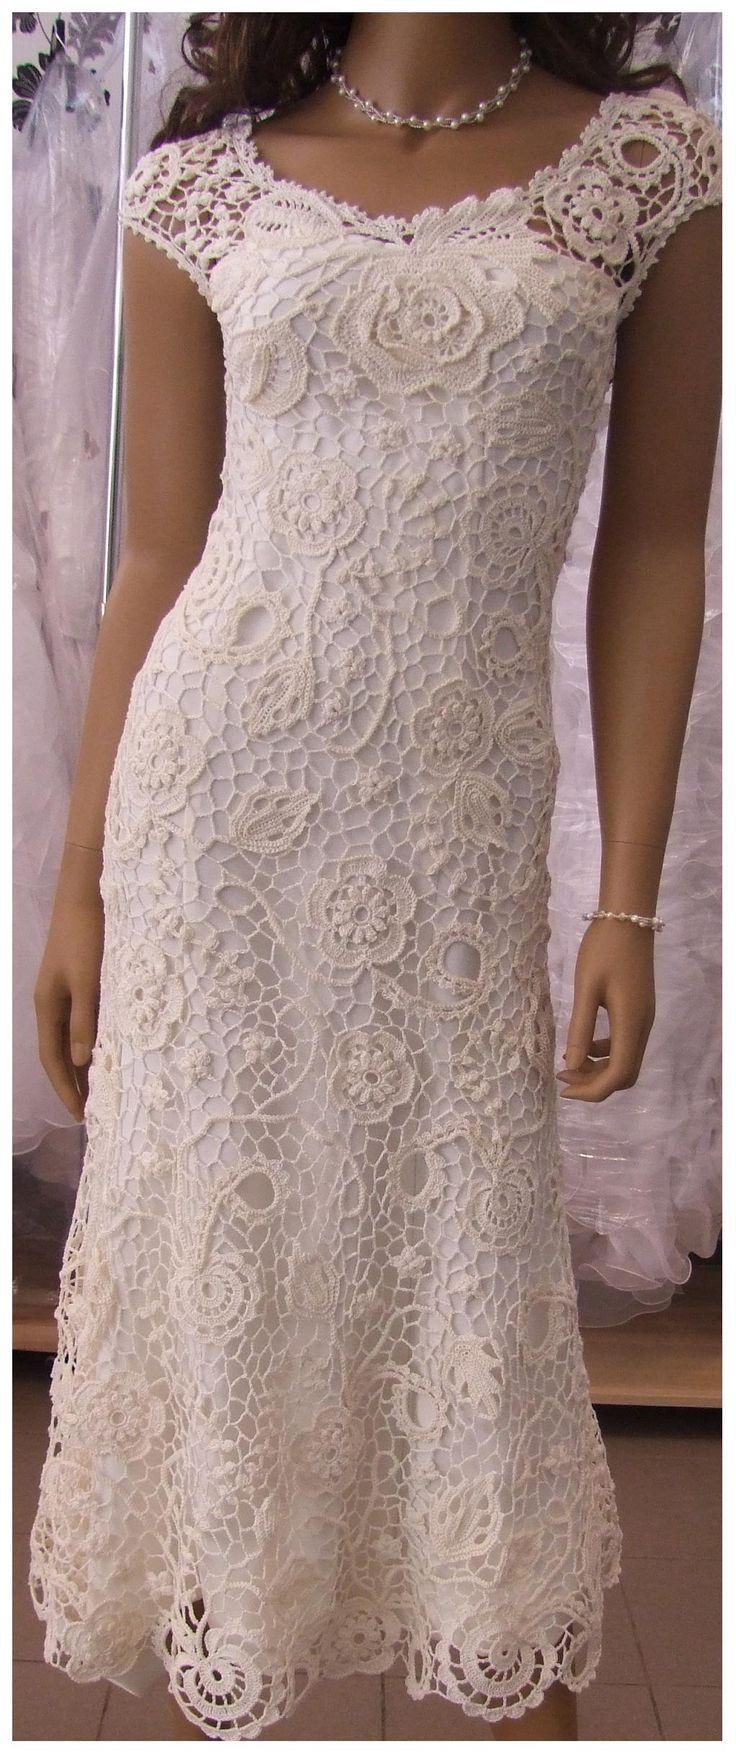 Best 25+ Crochet wedding dress pattern ideas on Pinterest